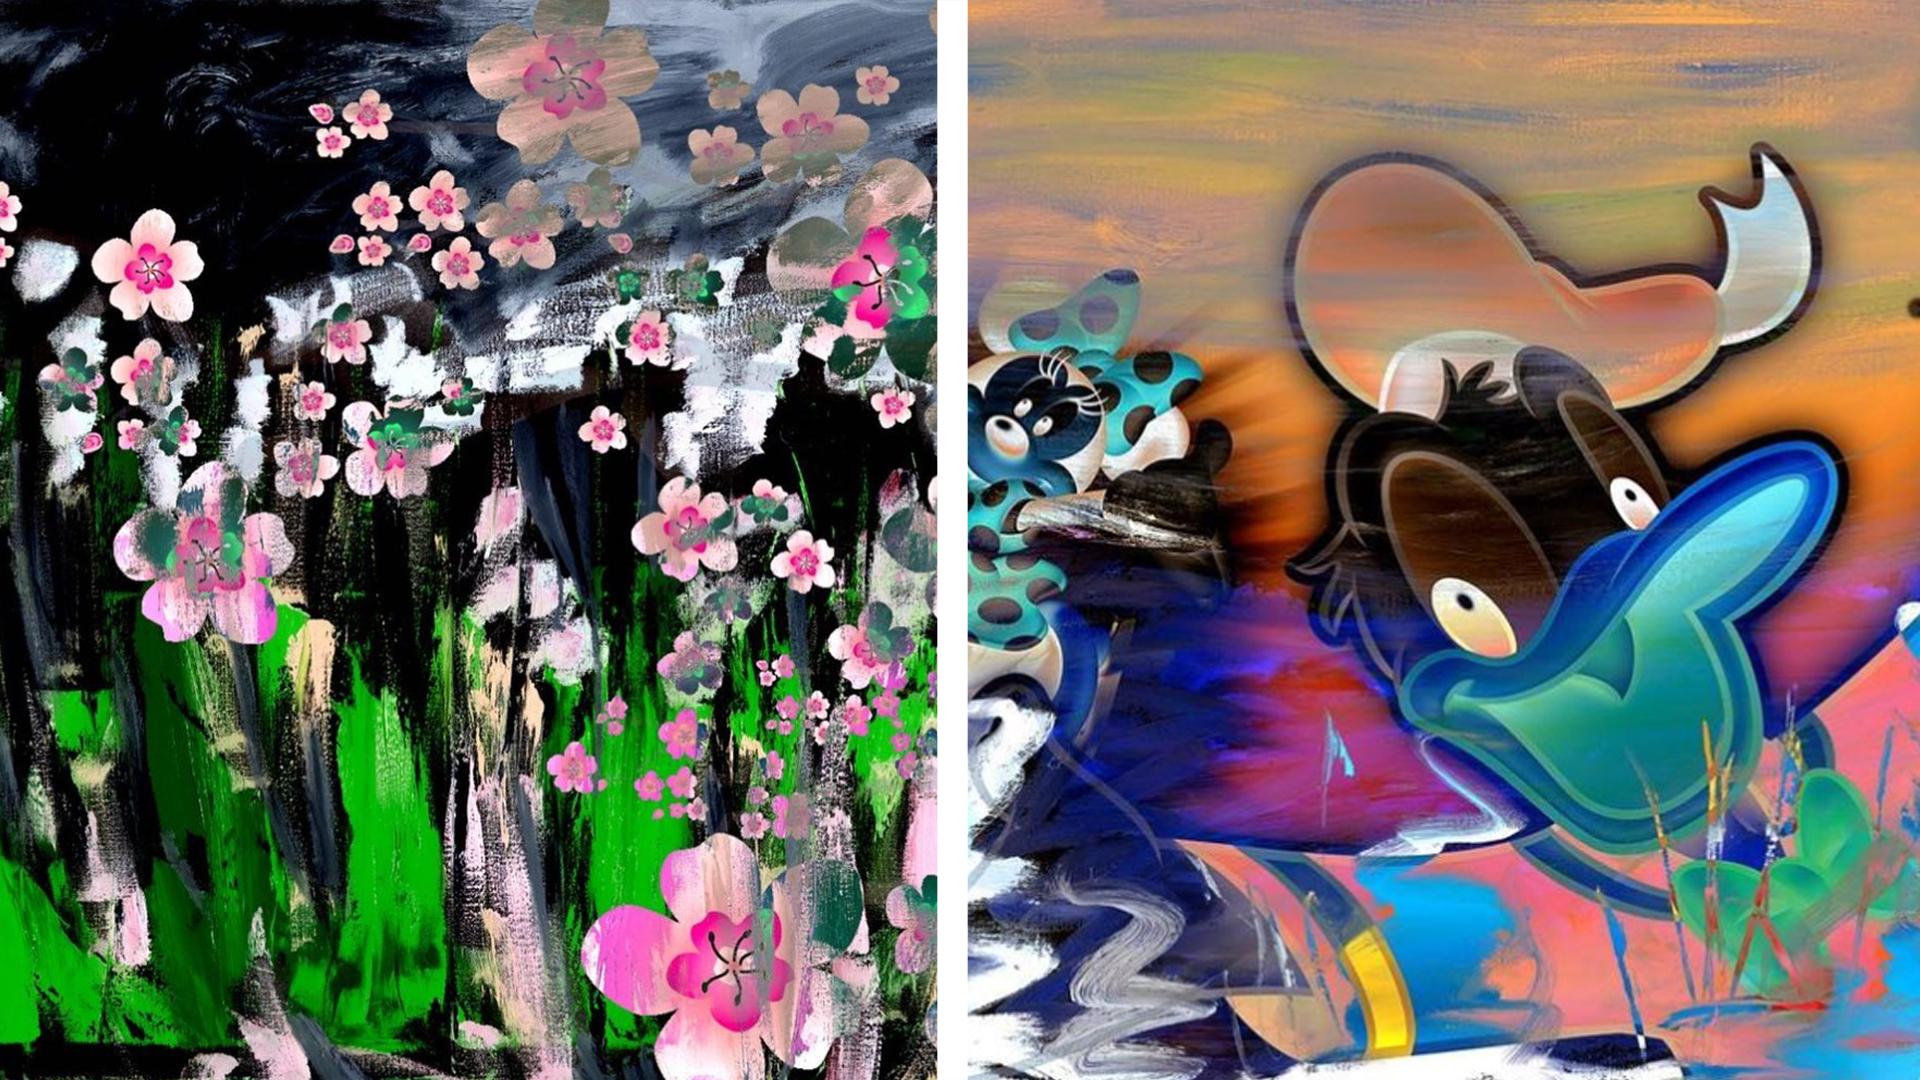 Примеры работ художницы Васильевой. Фото © Instagram / evahomealone